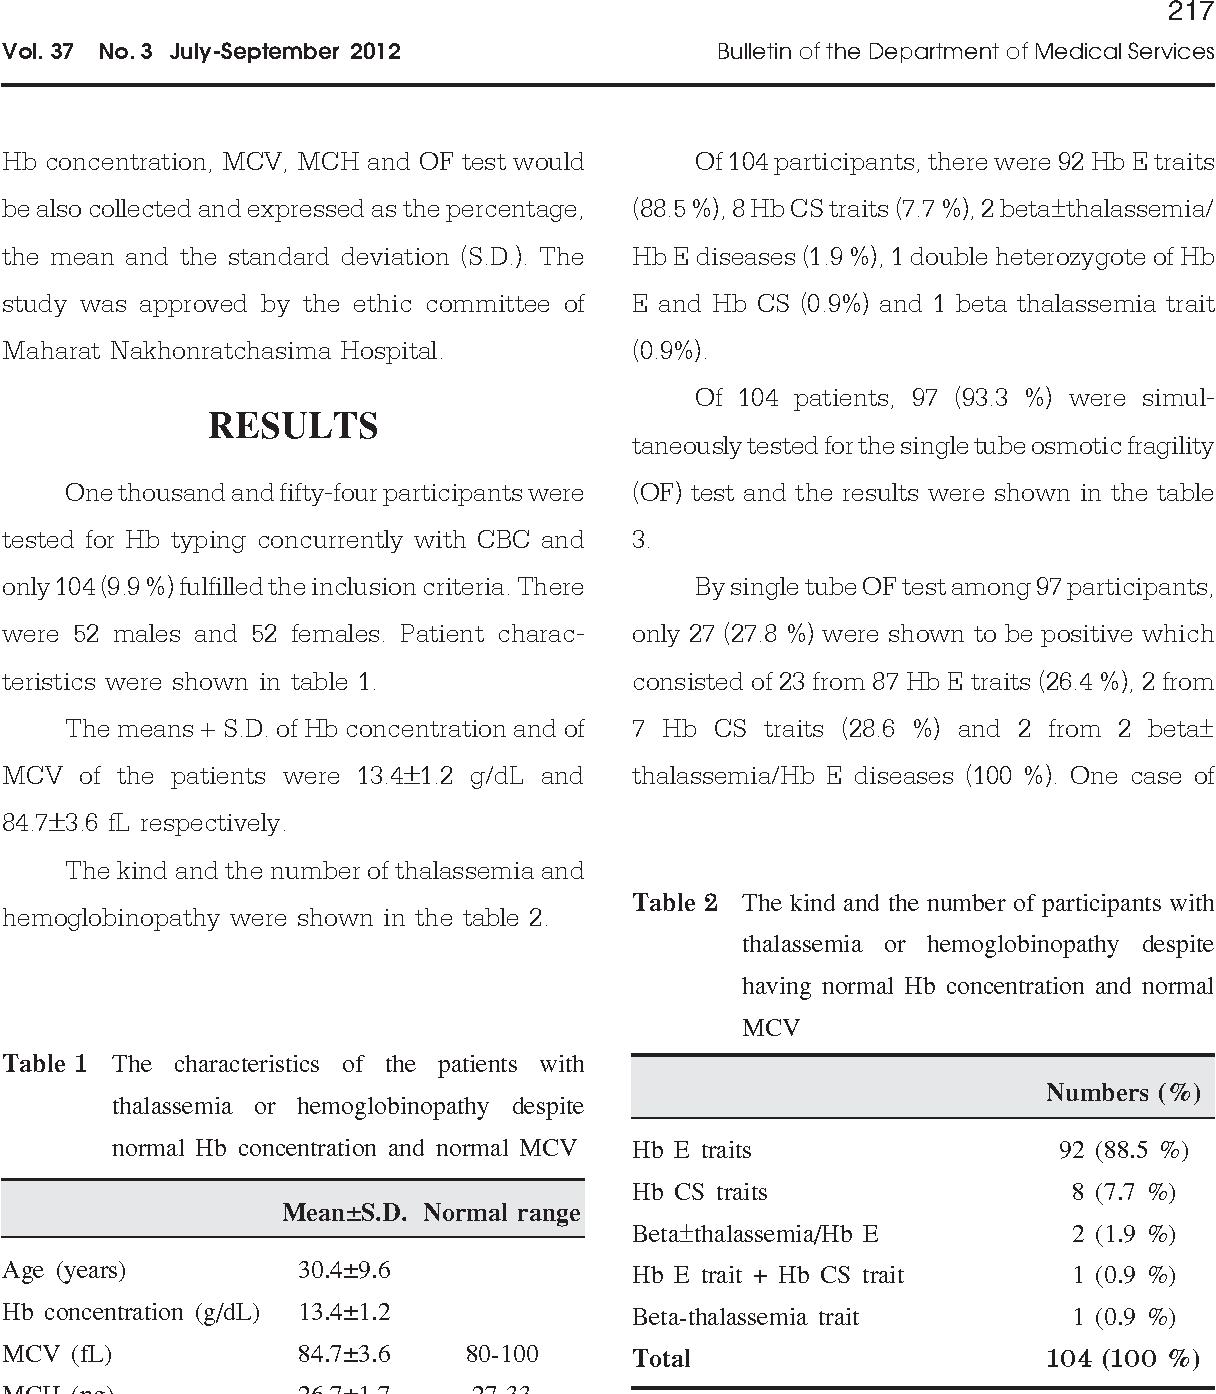 PDF] Thalassemia and Hemoglobinopathy Despite Normal Level of